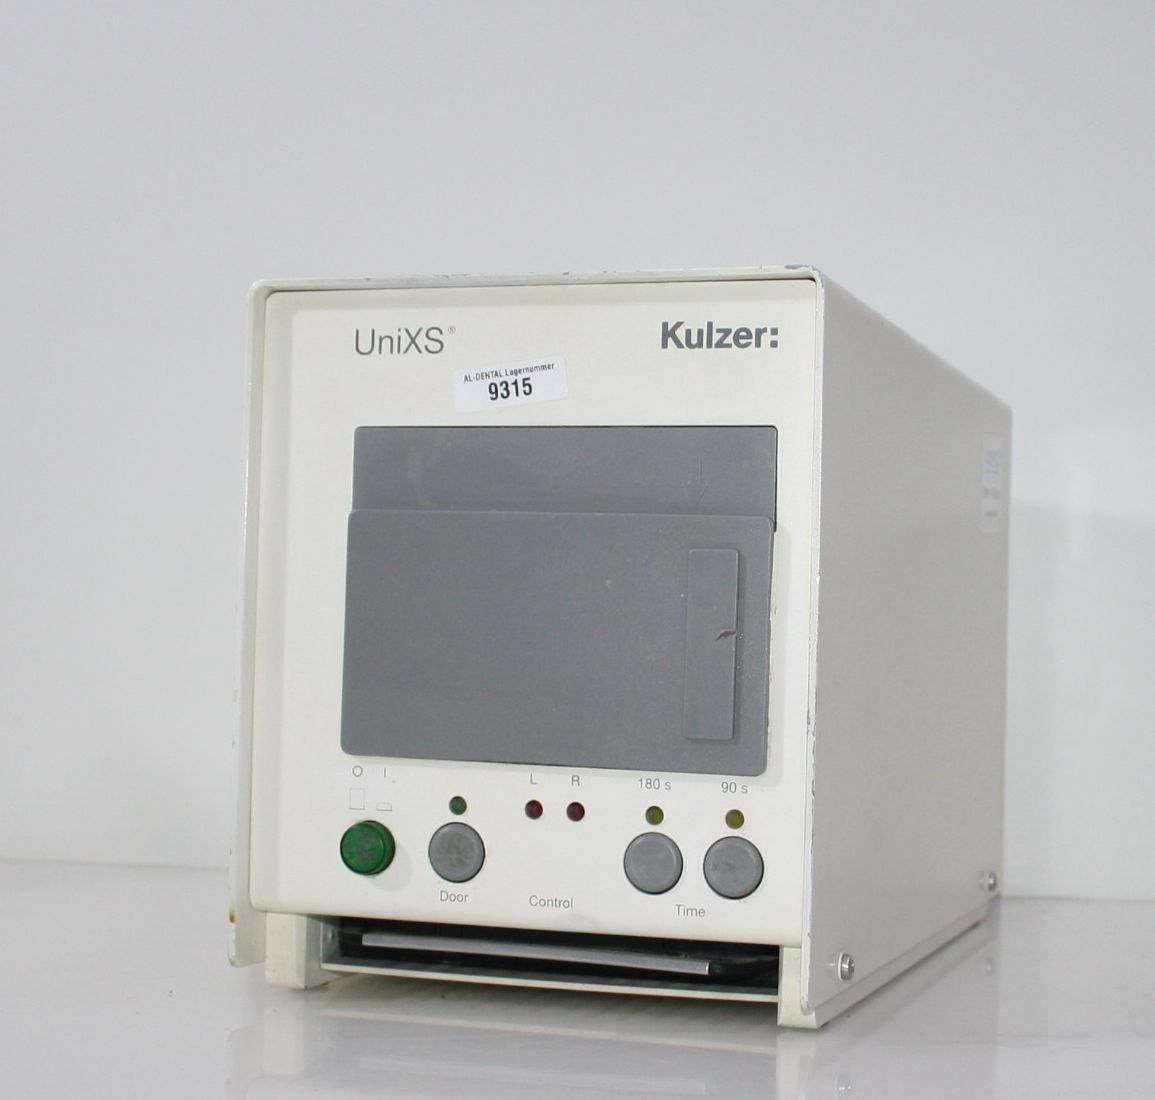 KULZER Hochleistungs-Lichtpolymerisationsgerät UniXS  # 9315